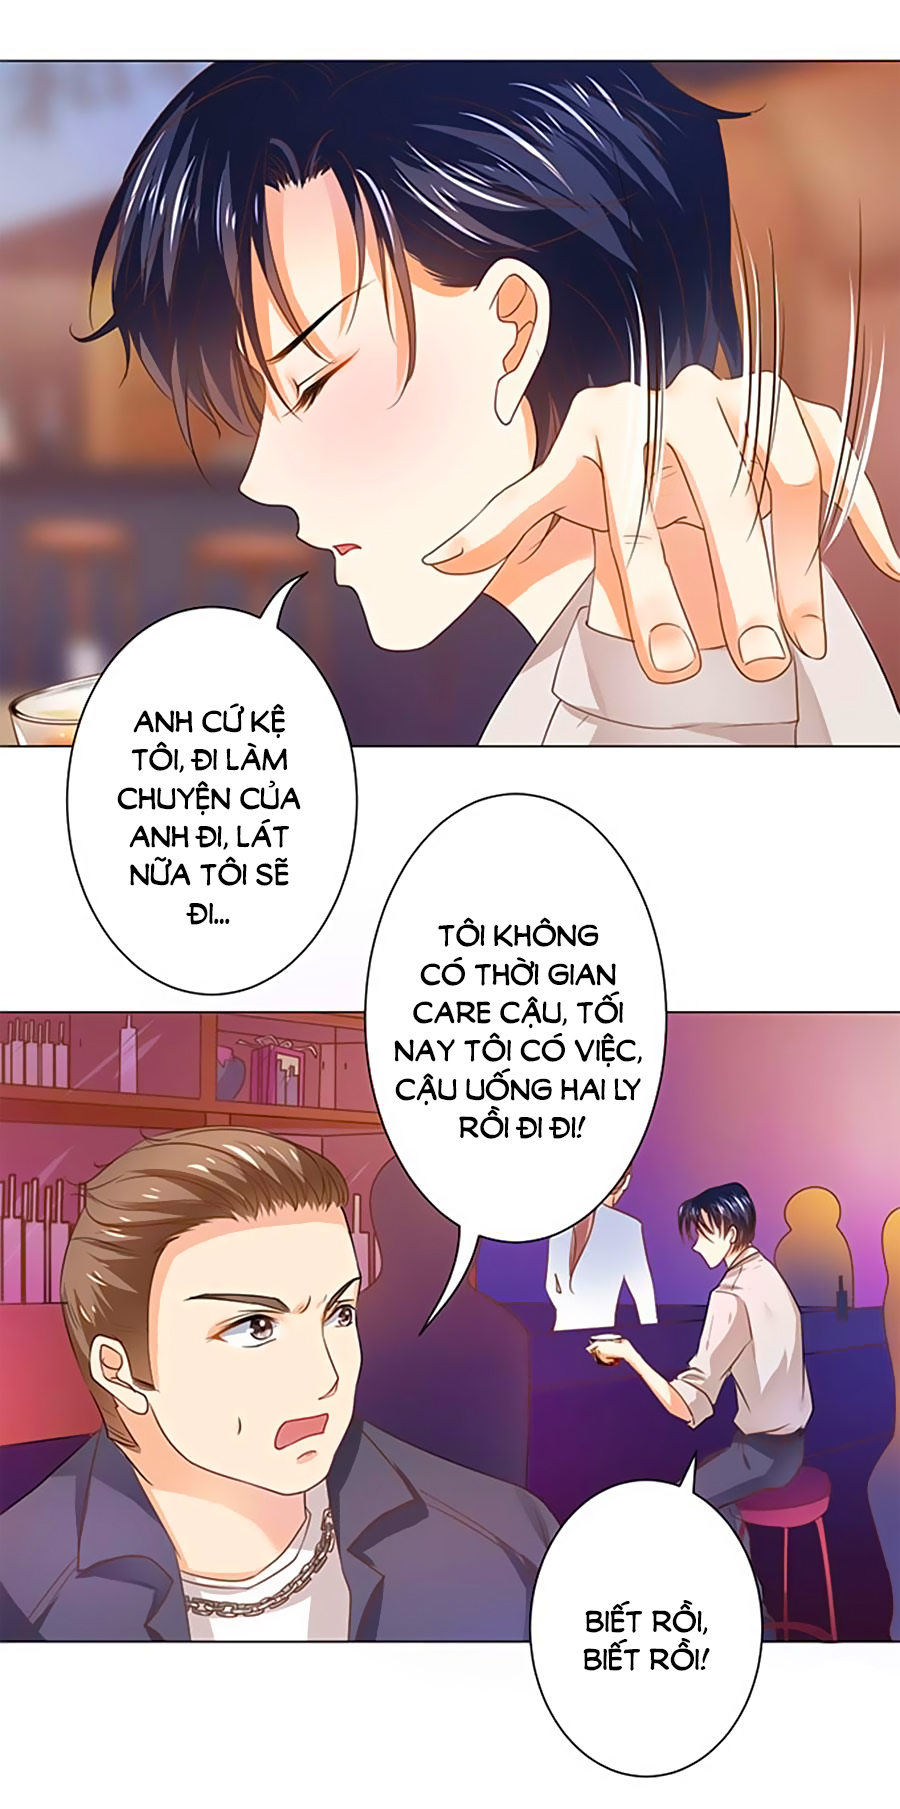 Bác Sĩ Sở Cũng Muốn Yêu chap 100 - Trang 6